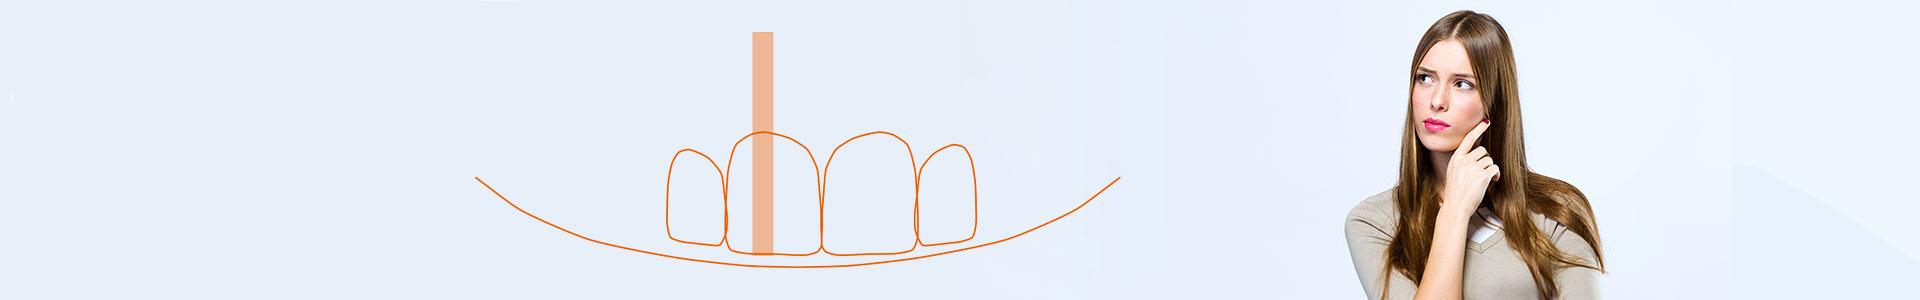 Aumentar Dentes Pequenos | Conheça as MELHORES técnicas para isso!